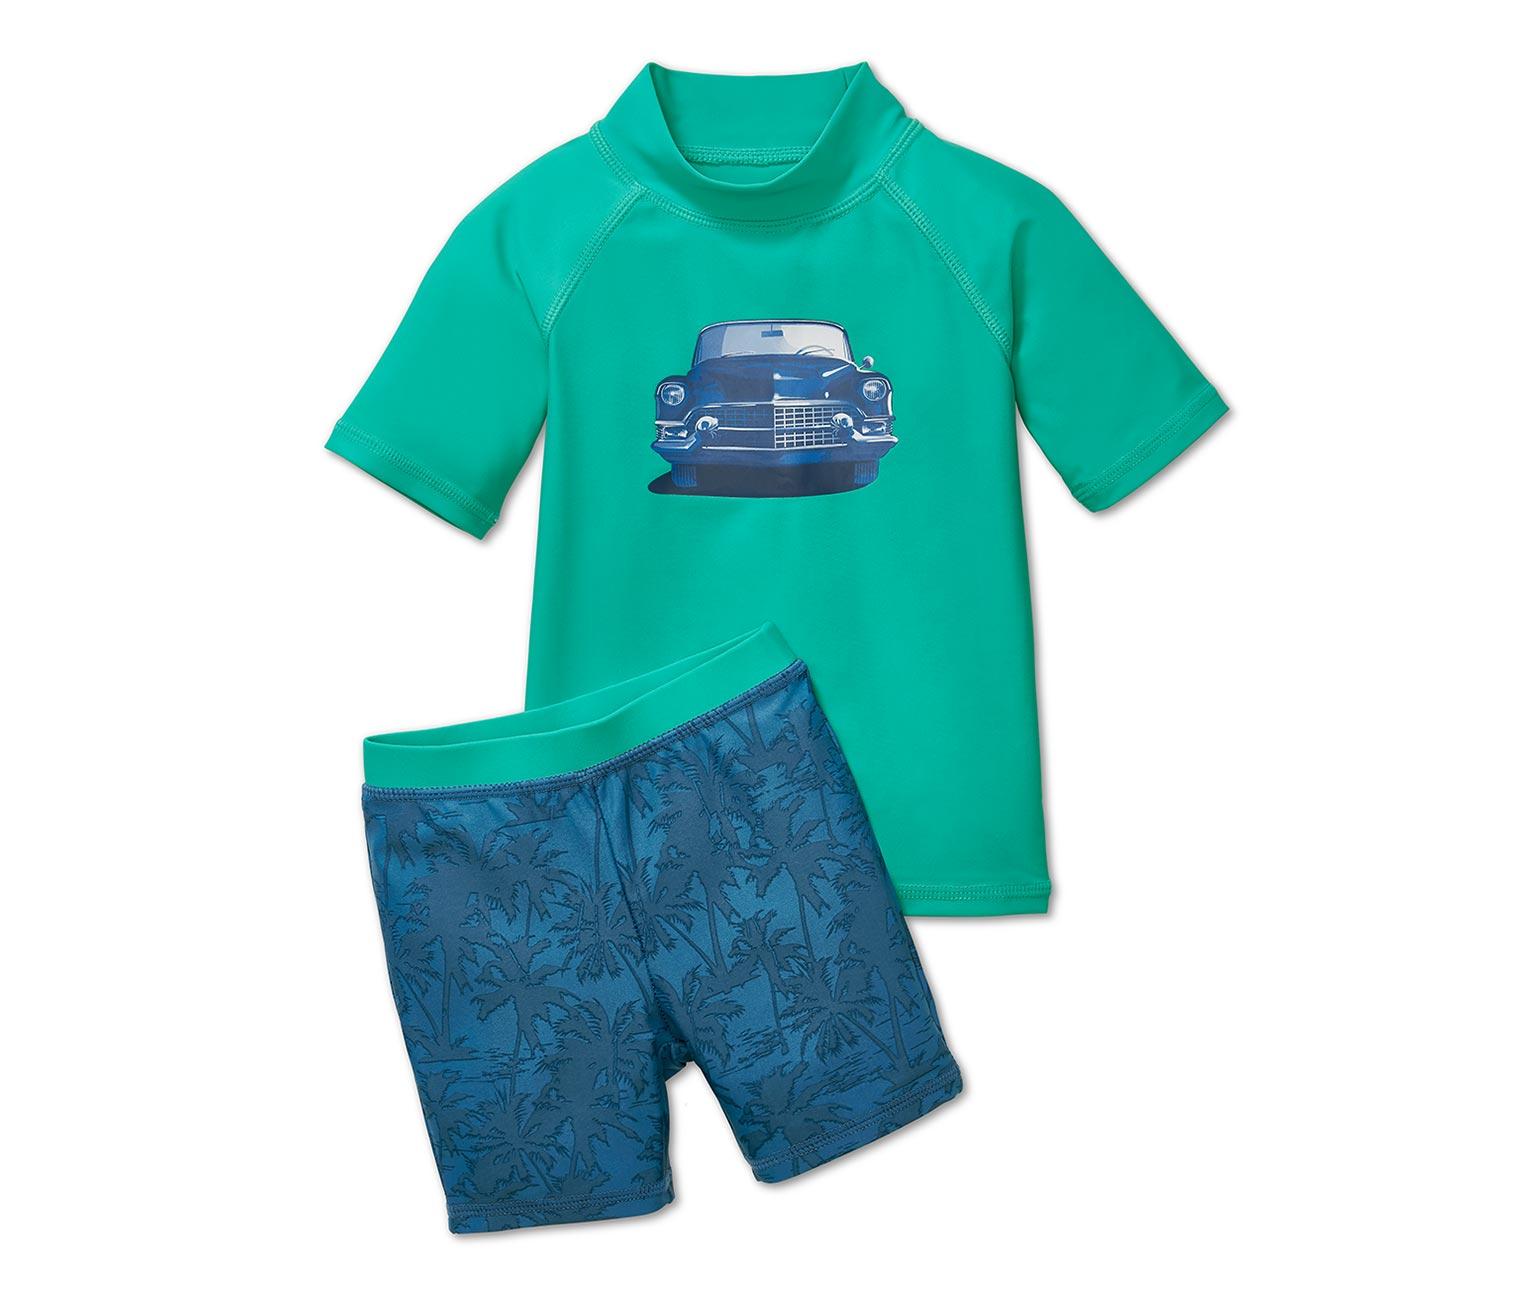 UV-Schutzkleidung in grün und blau